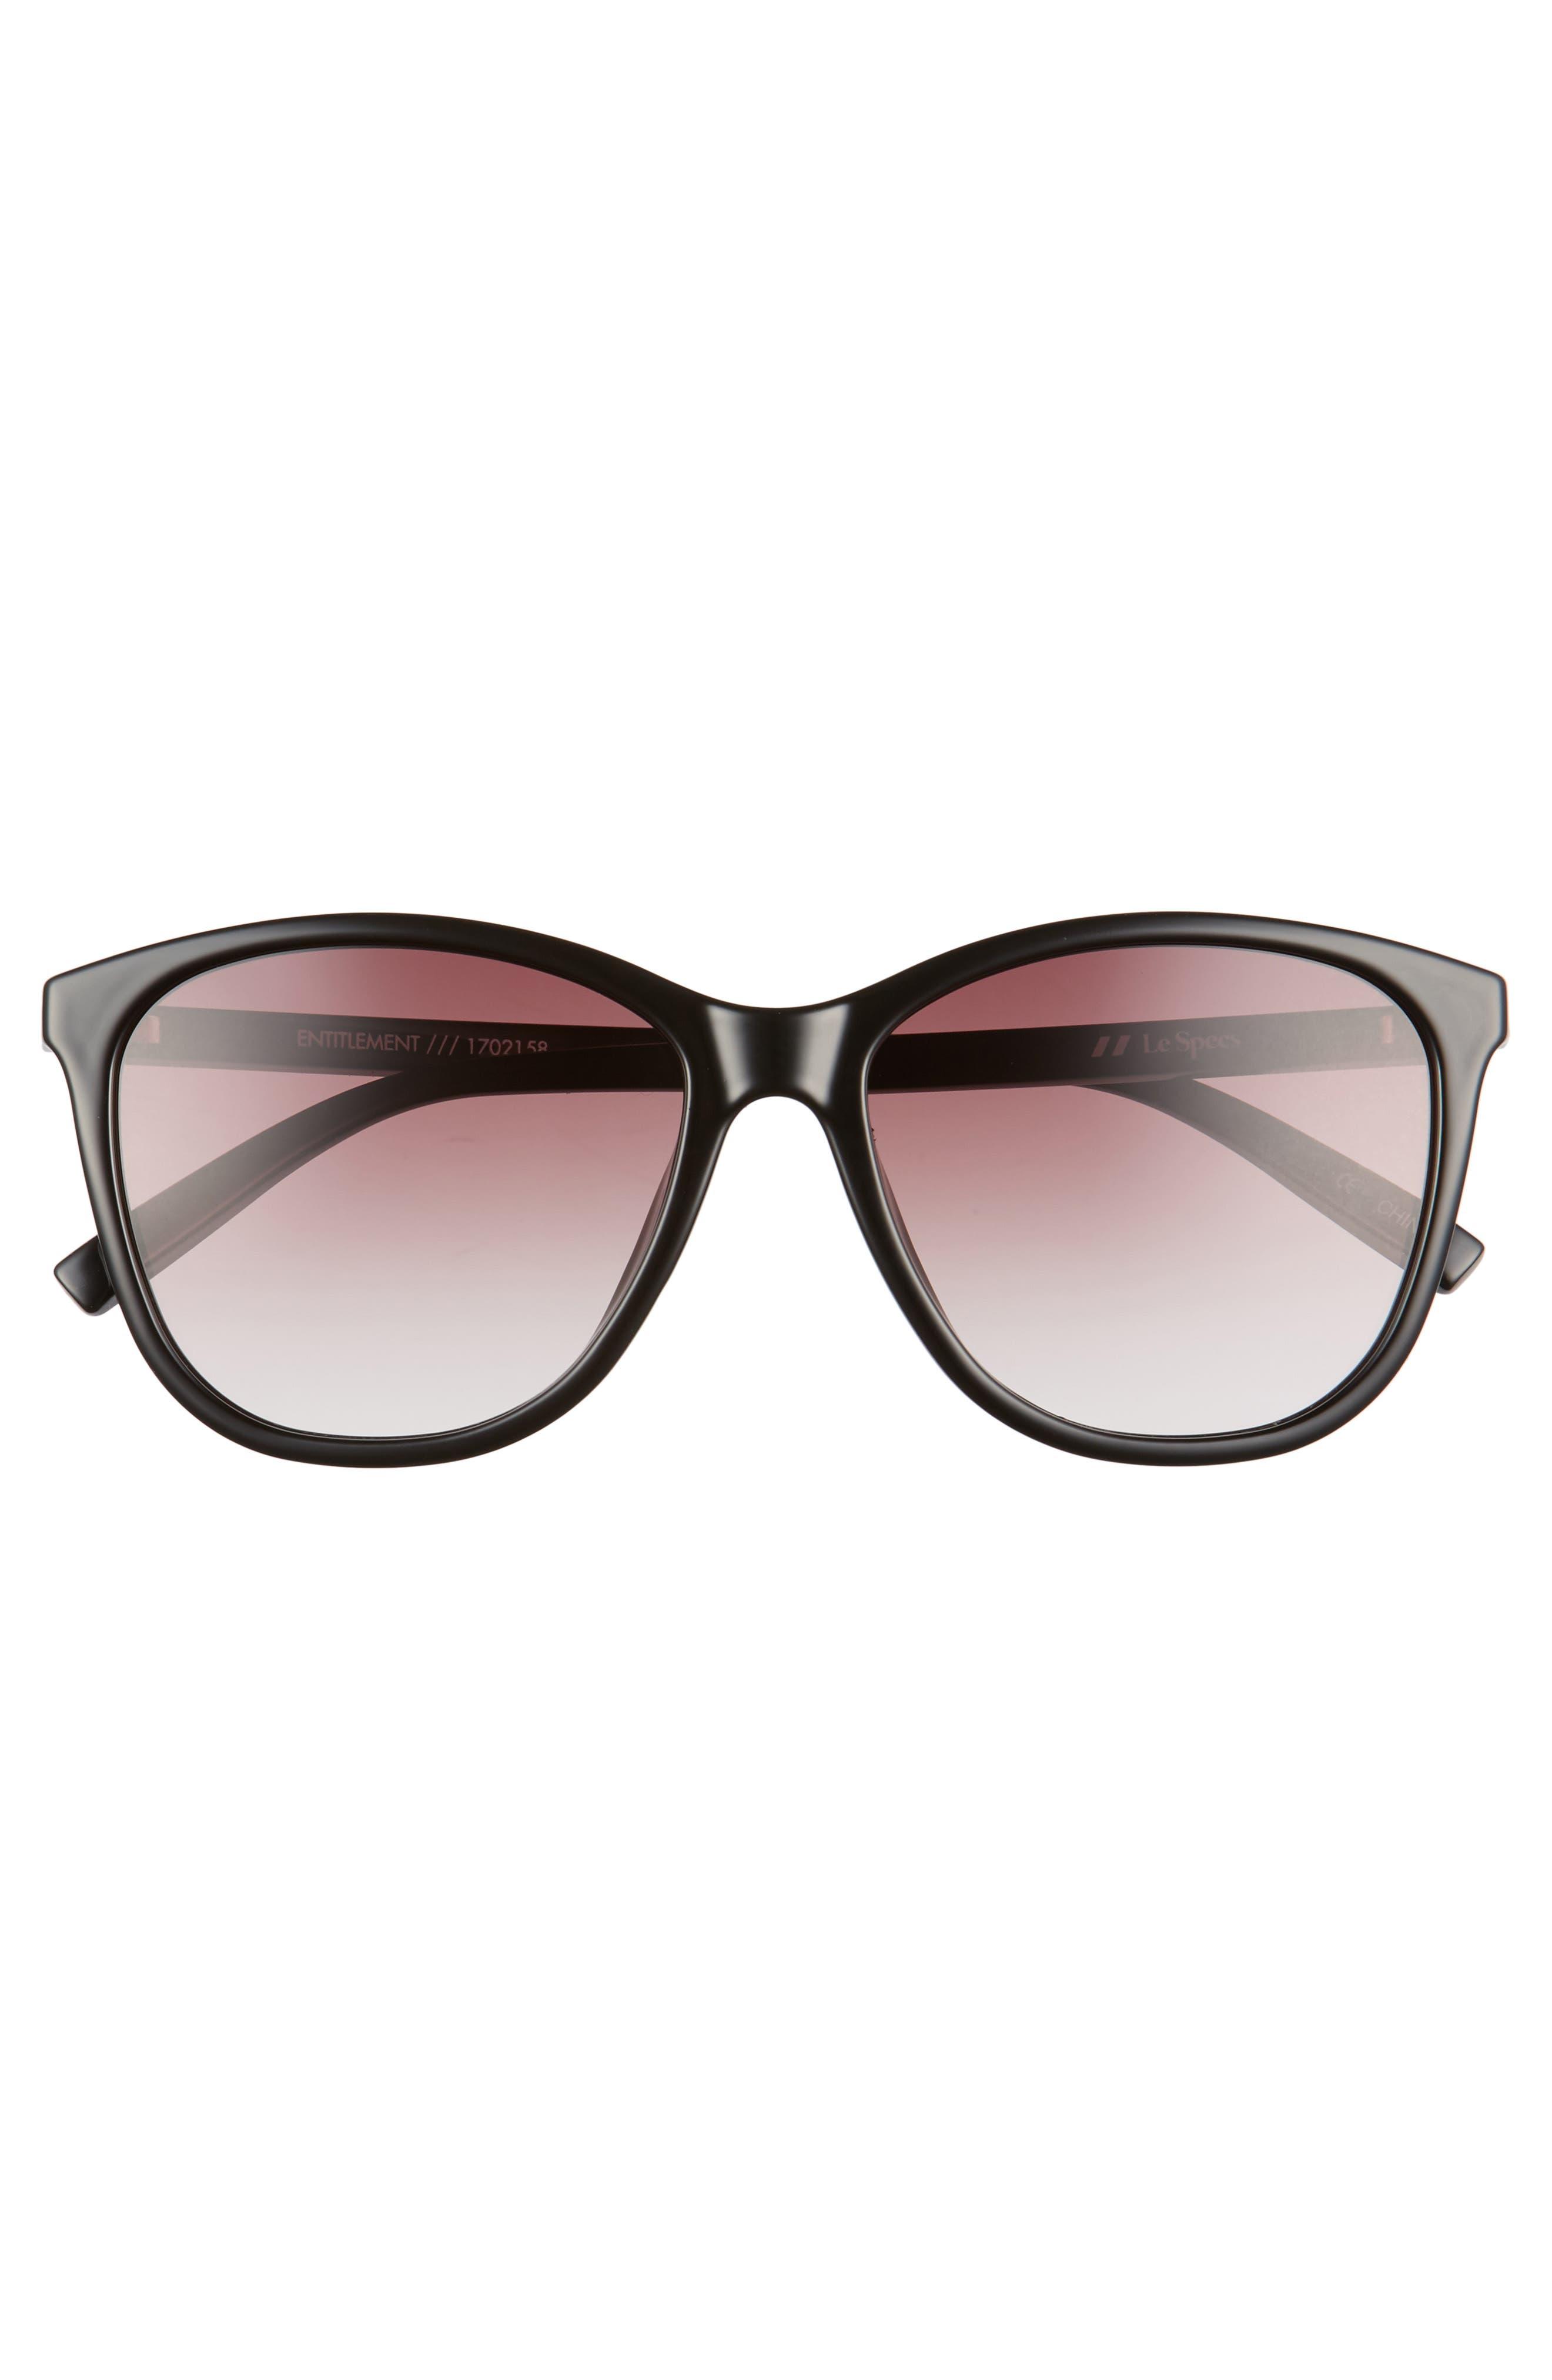 Entitlement 57mm Sunglasses,                             Alternate thumbnail 3, color,                             001